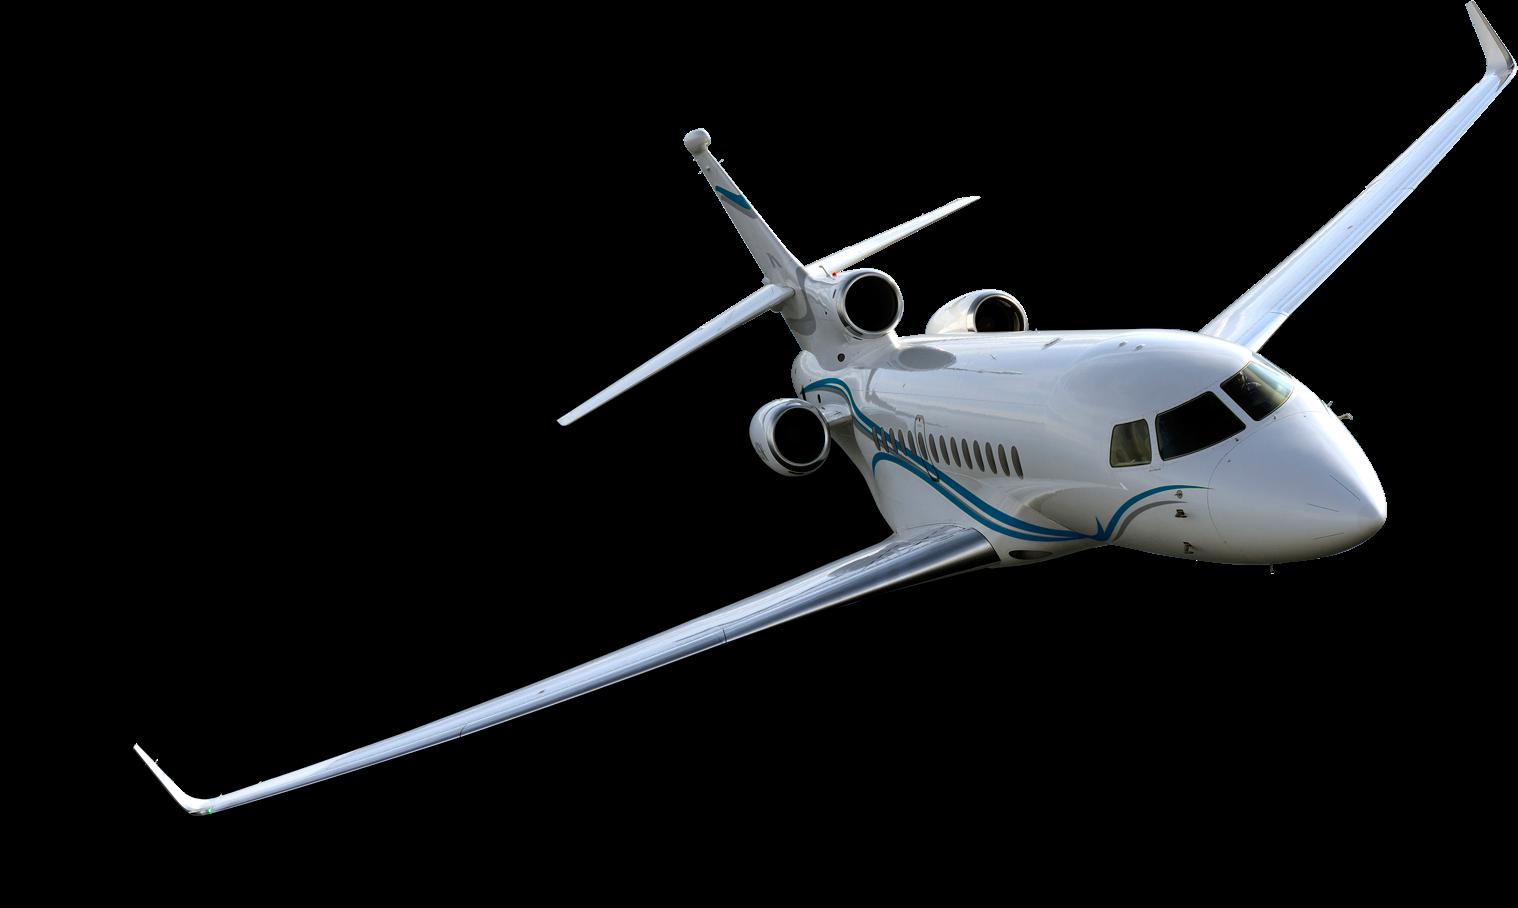 Jet corporate jet